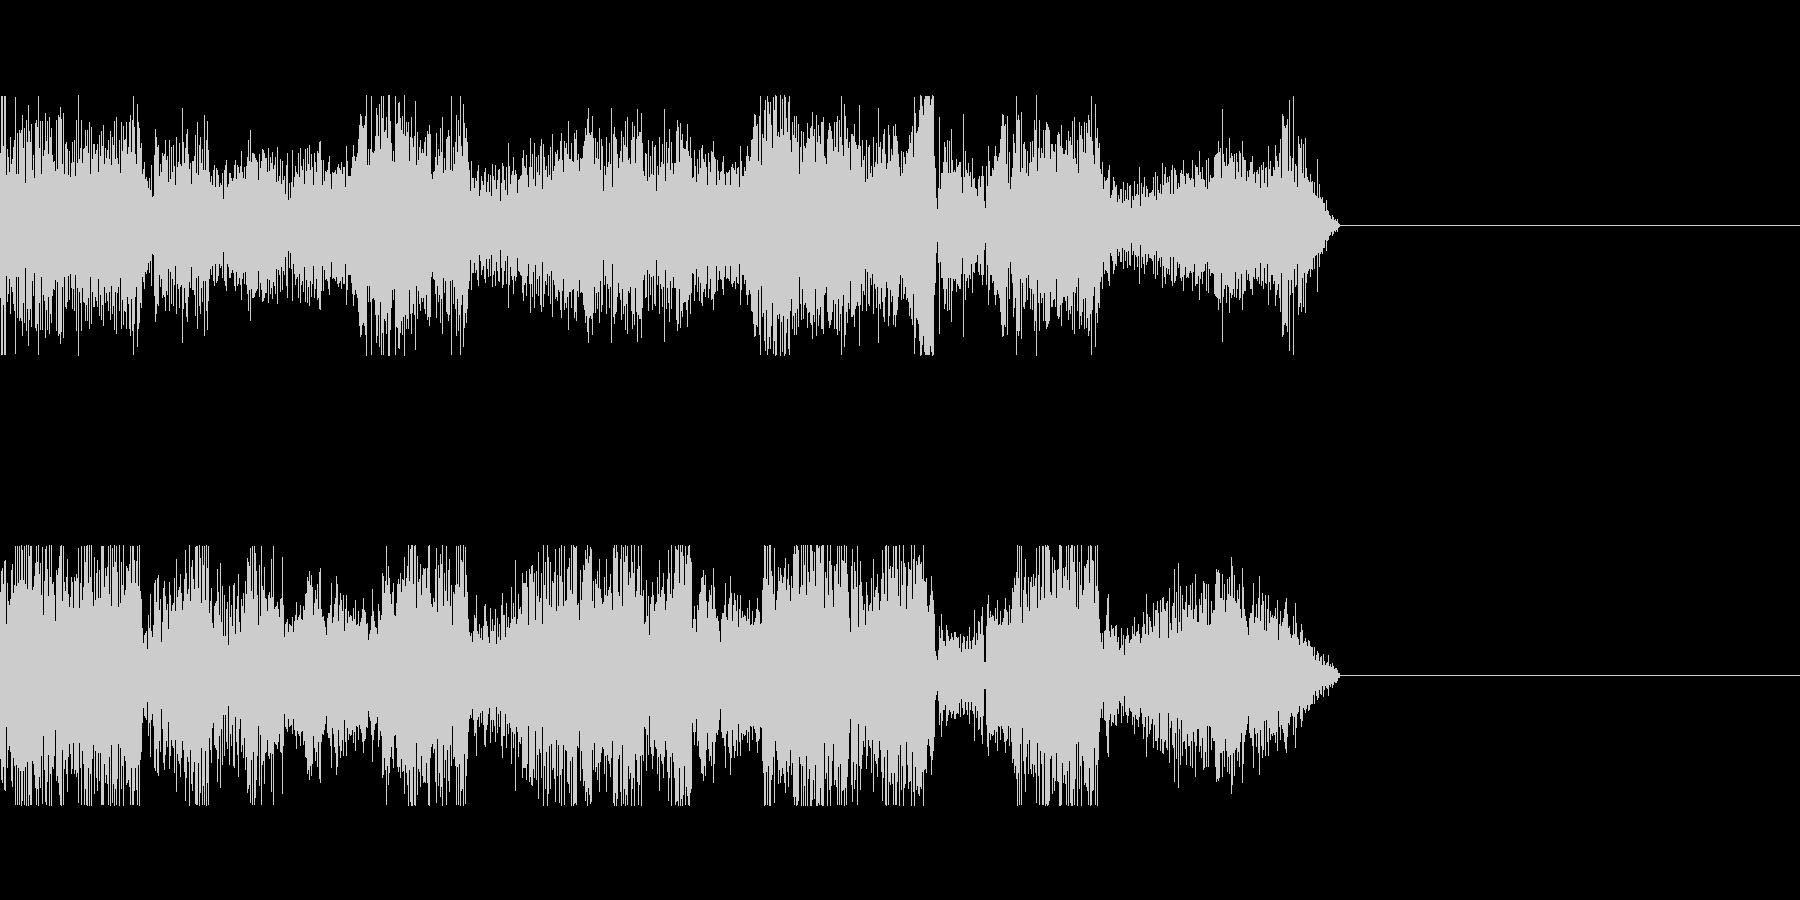 電波ノイズ音の未再生の波形